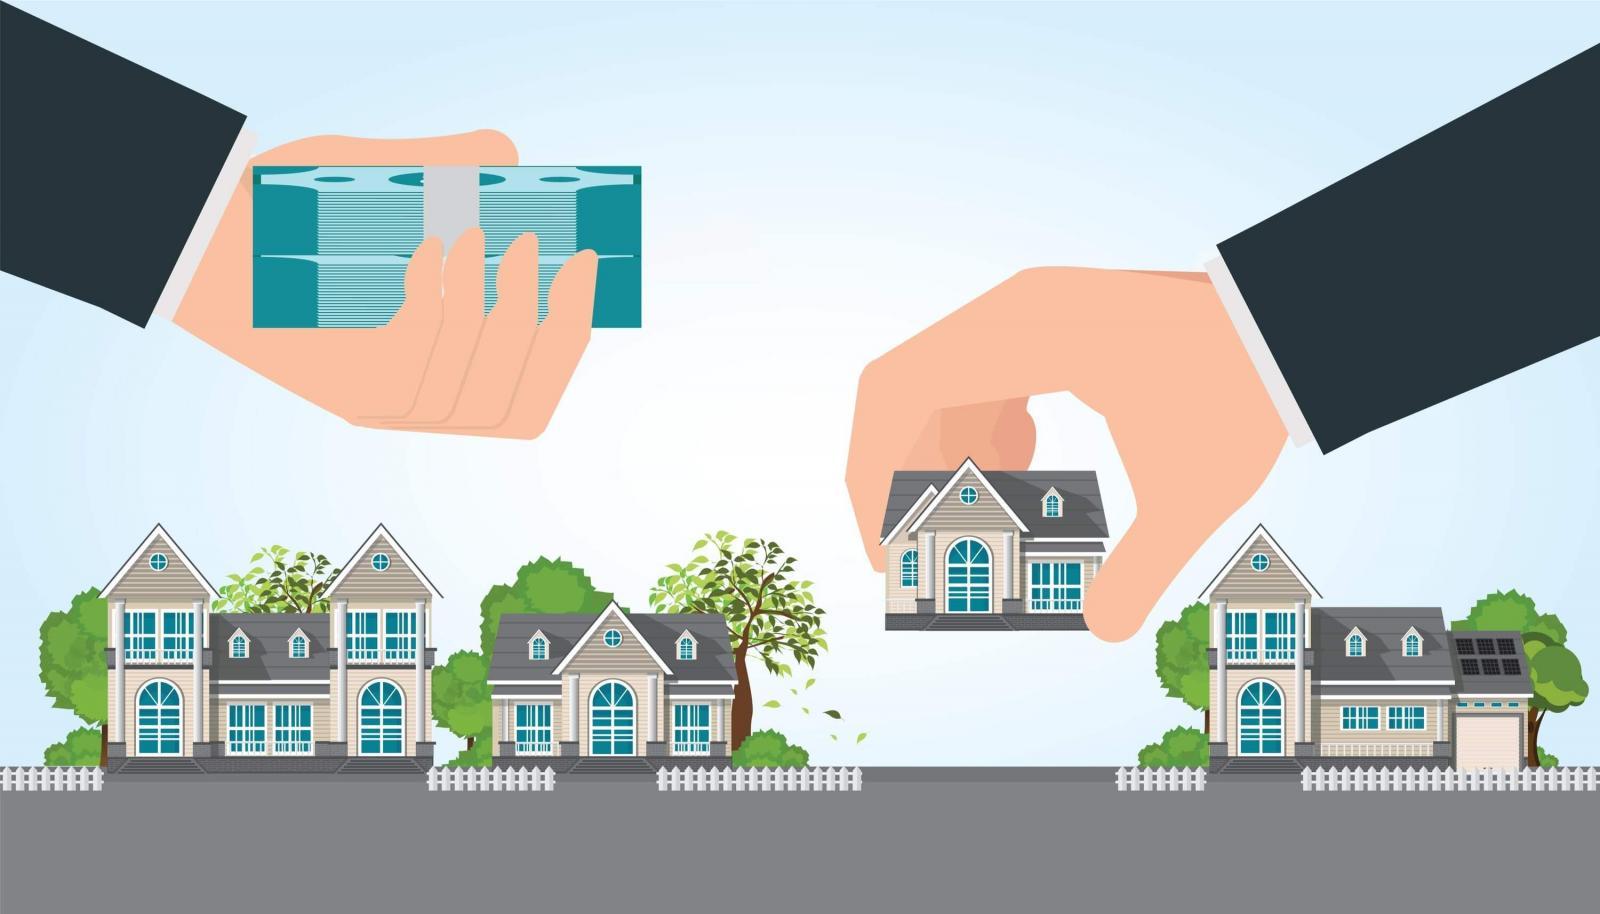 Vi bằng không được thực hiện khi công dân giao dịch bất động sản nói chung